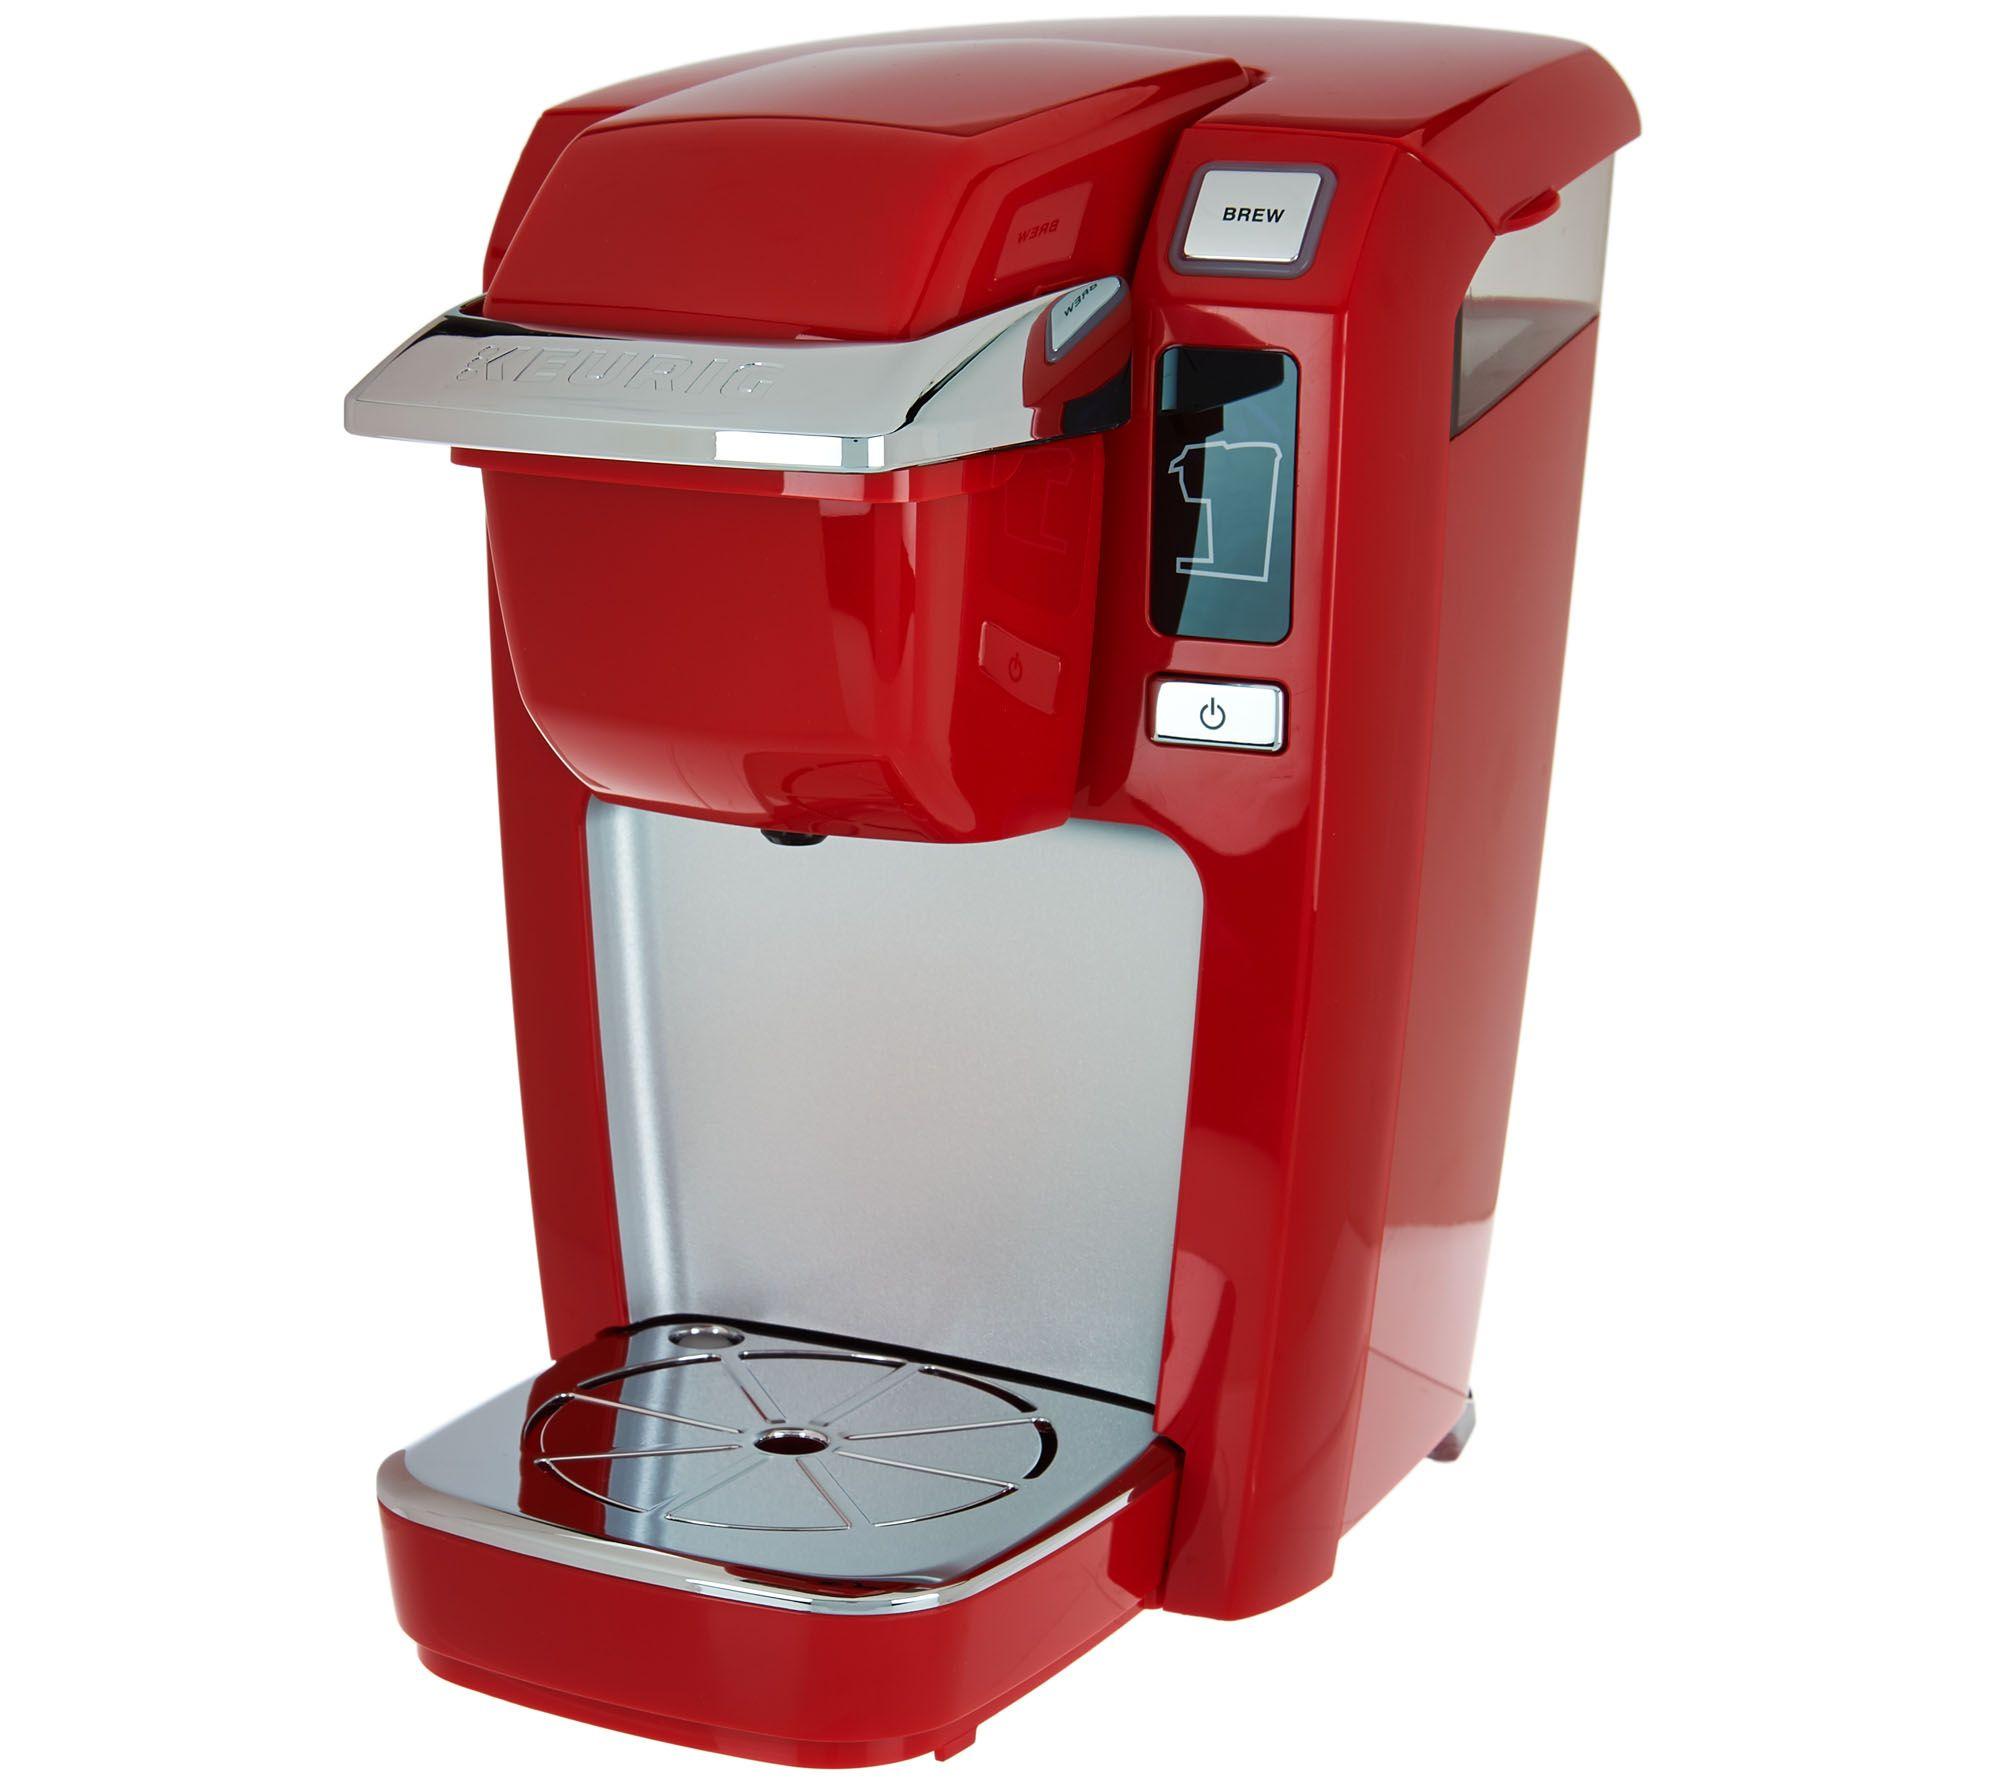 Keurig Coffee Maker How To Brew : Keurig K10 Mini Plus Brewing System. Keurig Mini Plus K10 Single Serve Hot Water Coffee Brewing ...